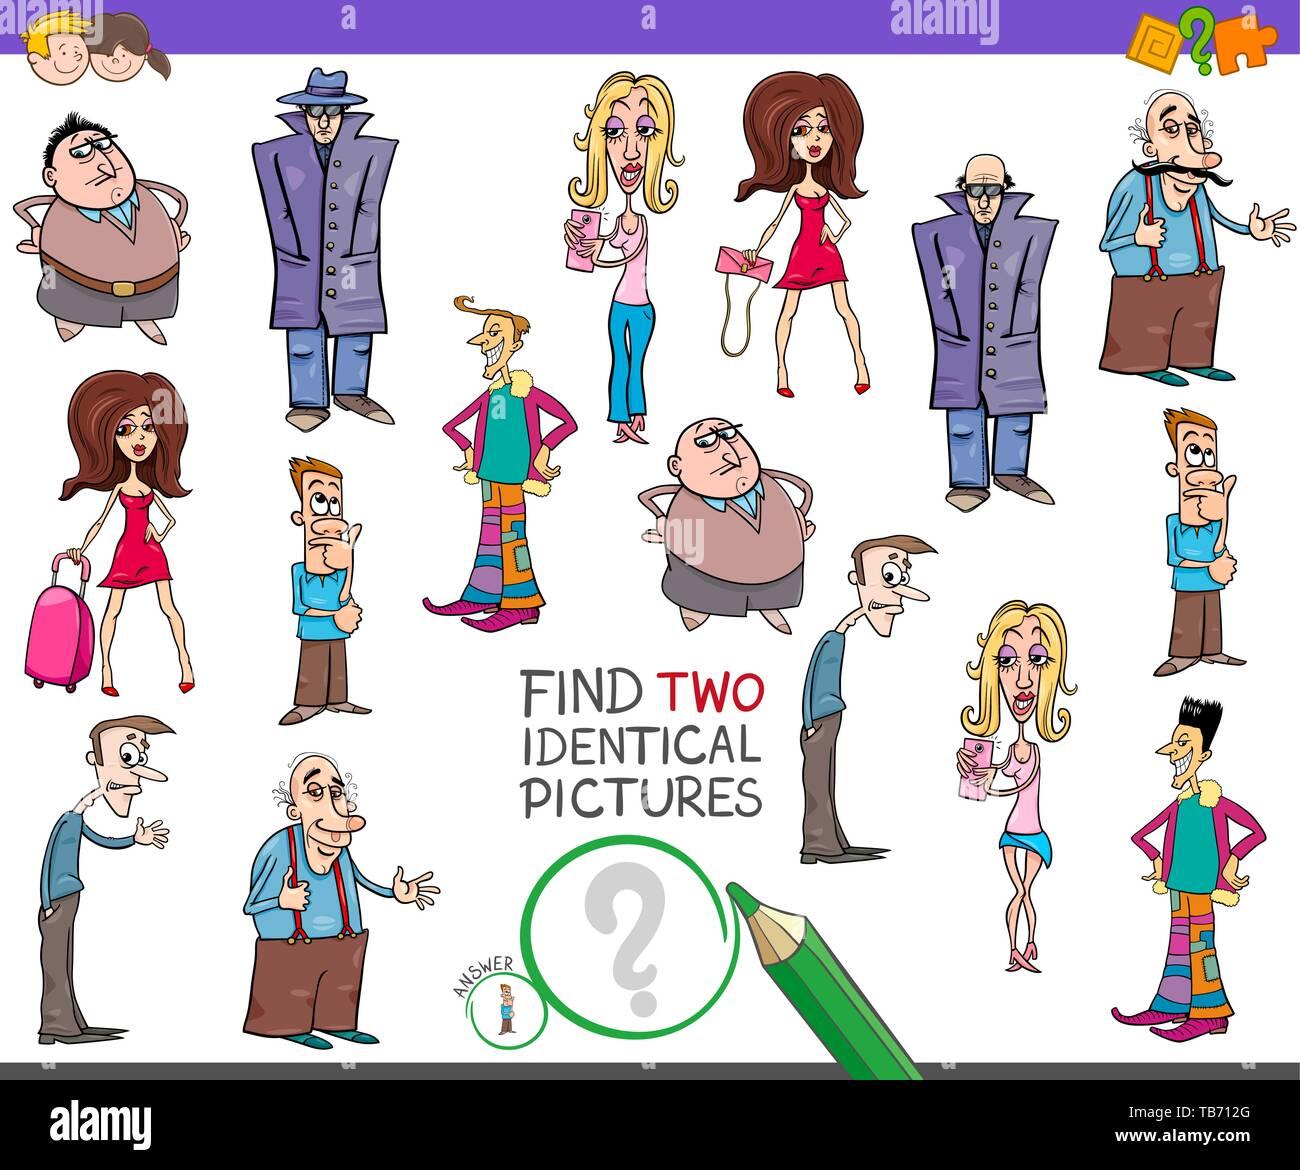 Ilustración De Dibujos Animados De Encontrar Dos Imágenes Idénticas Juego Educativo Para Niños Con Historietas Personas Caracteres Imagen Vector De Stock Alamy